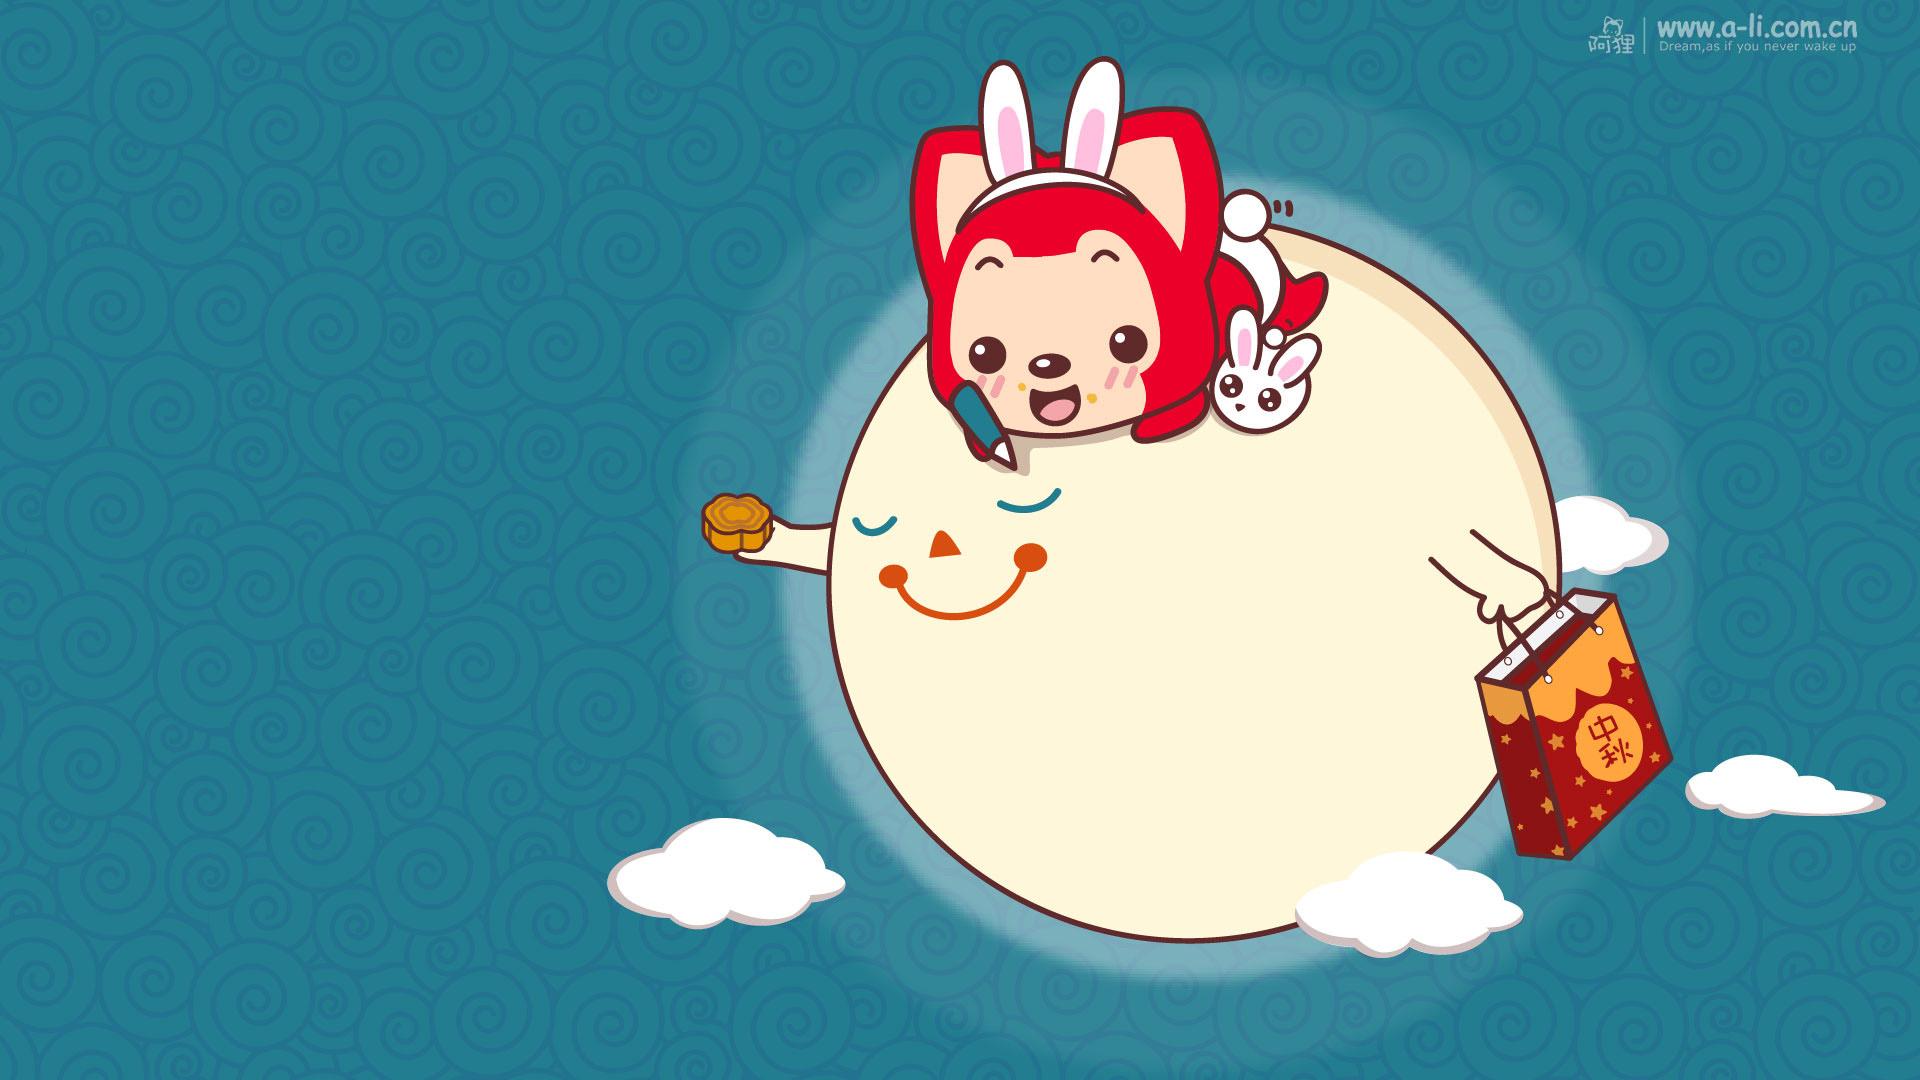 中秋节阿狸月饼卡通可爱ppt背景图片下载